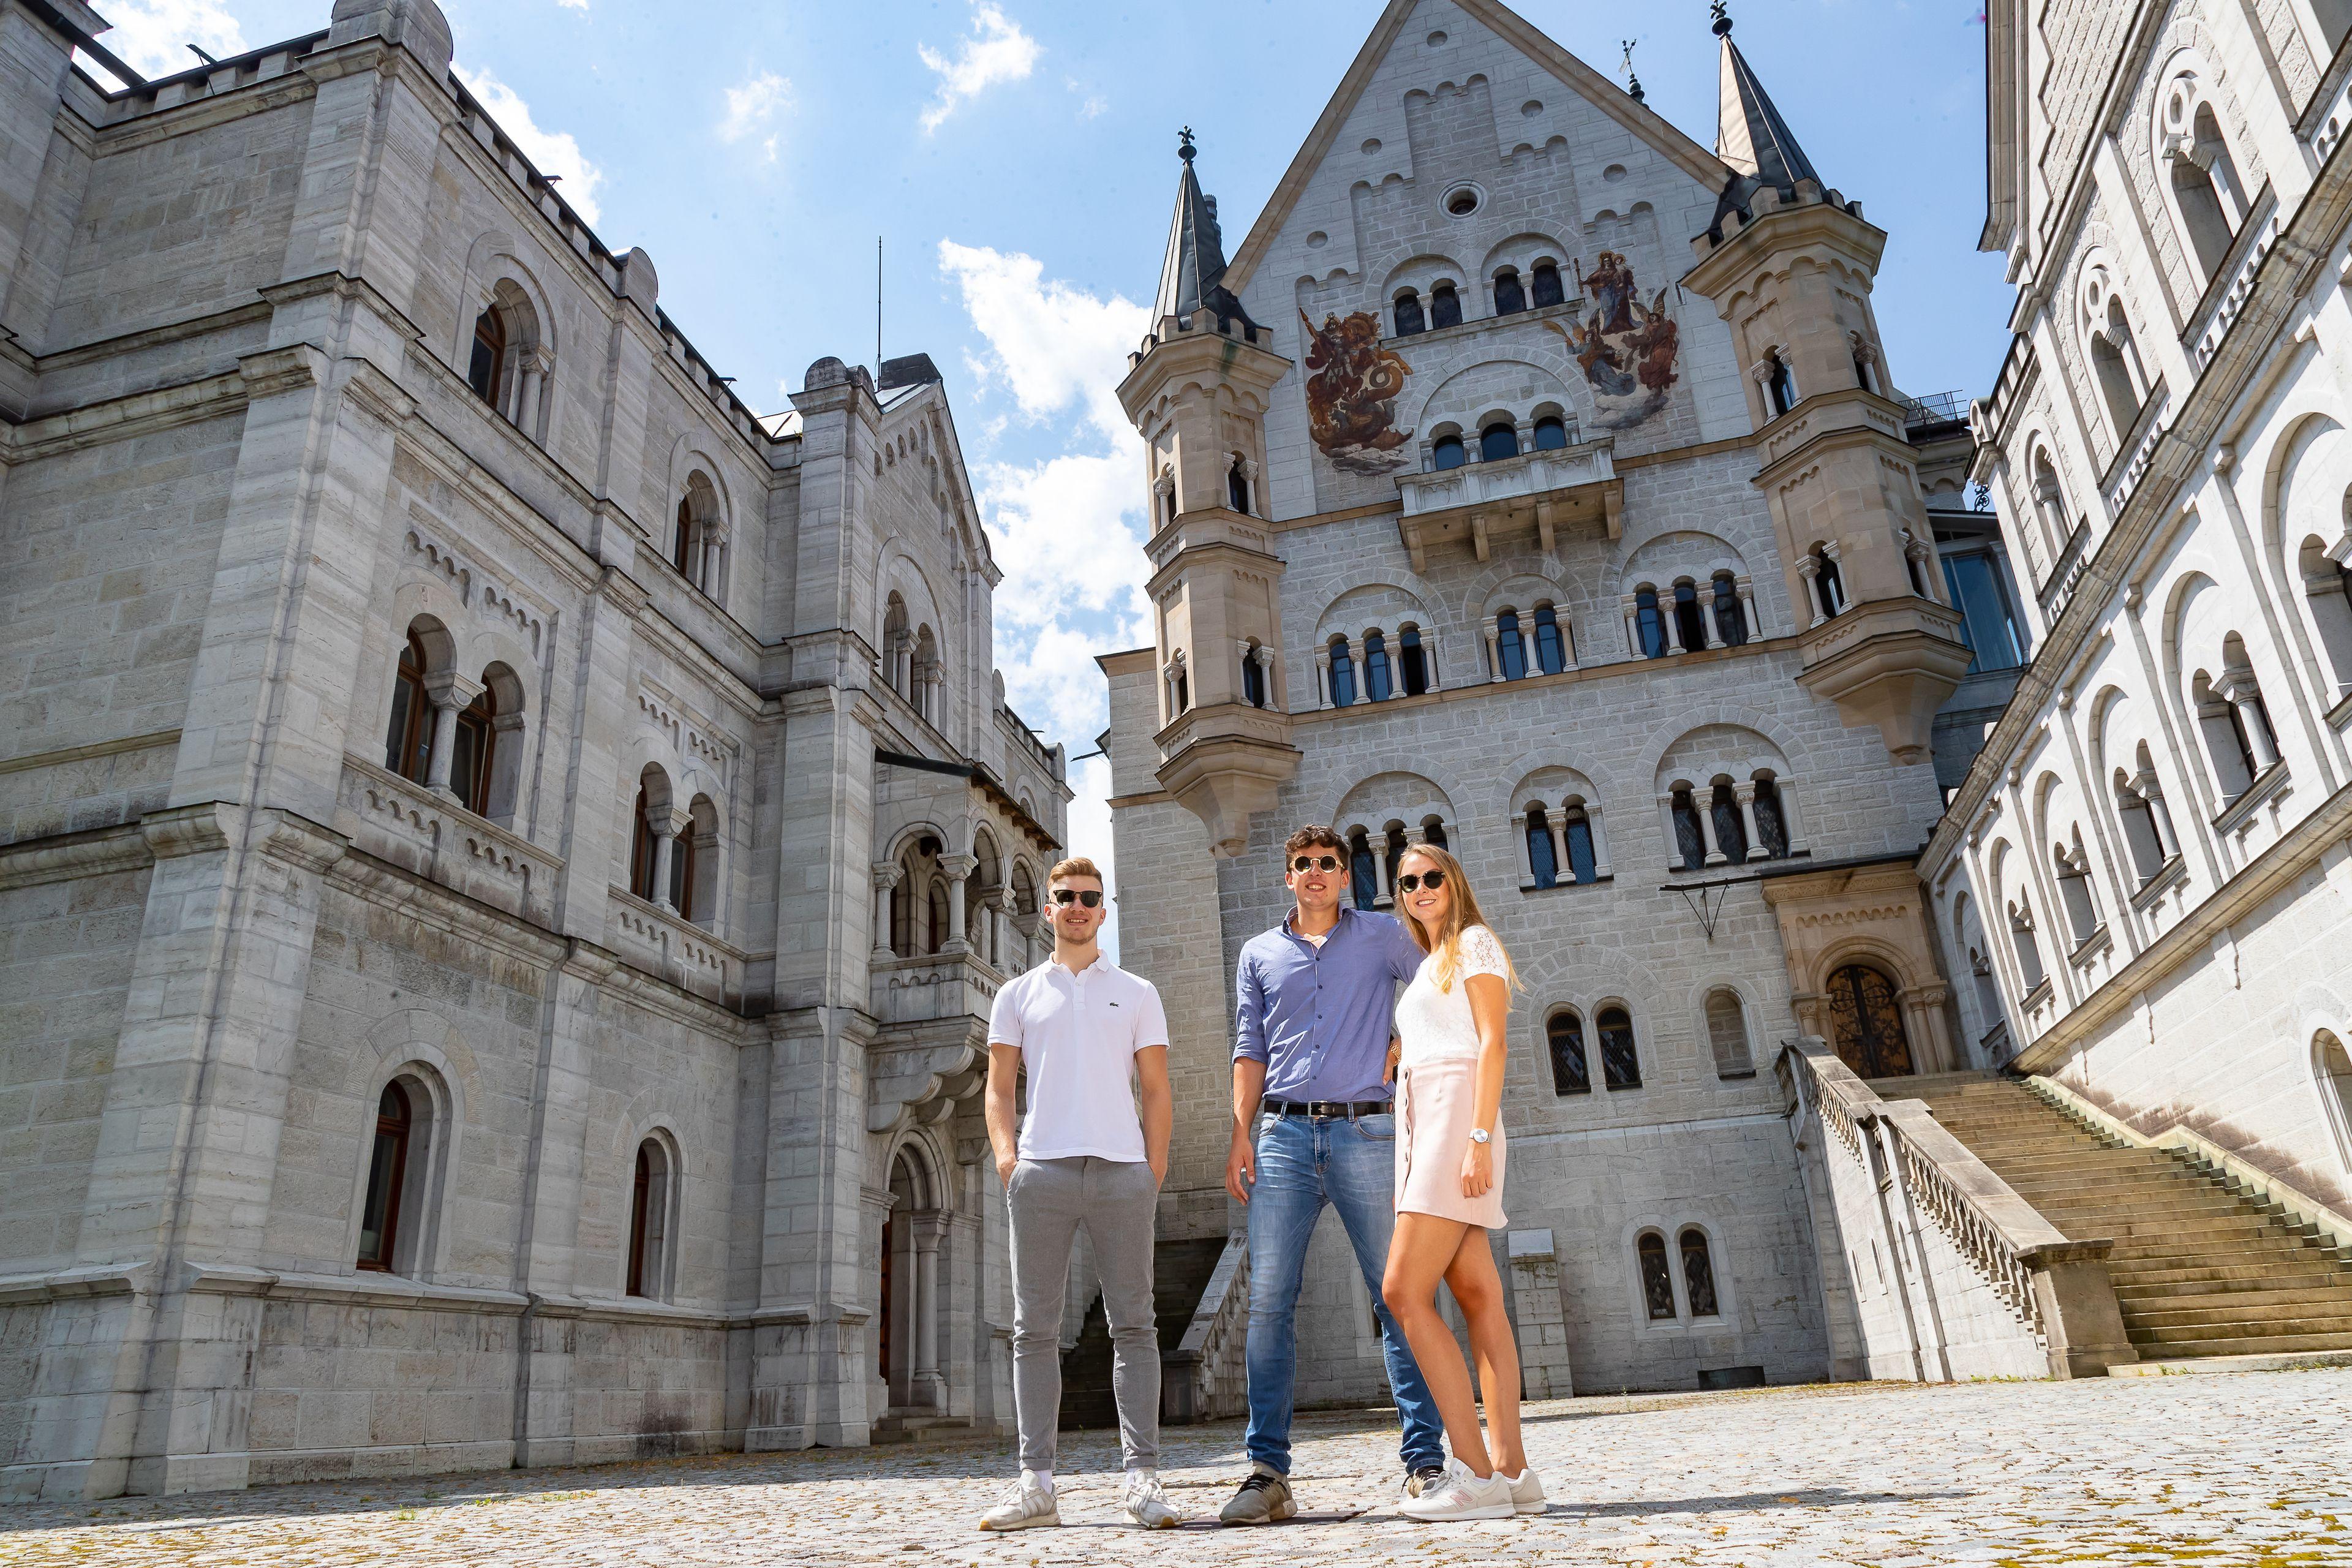 Ganztagesausflug nach Neuschwanstein und zum Schloss Linderhof im Premium-B...